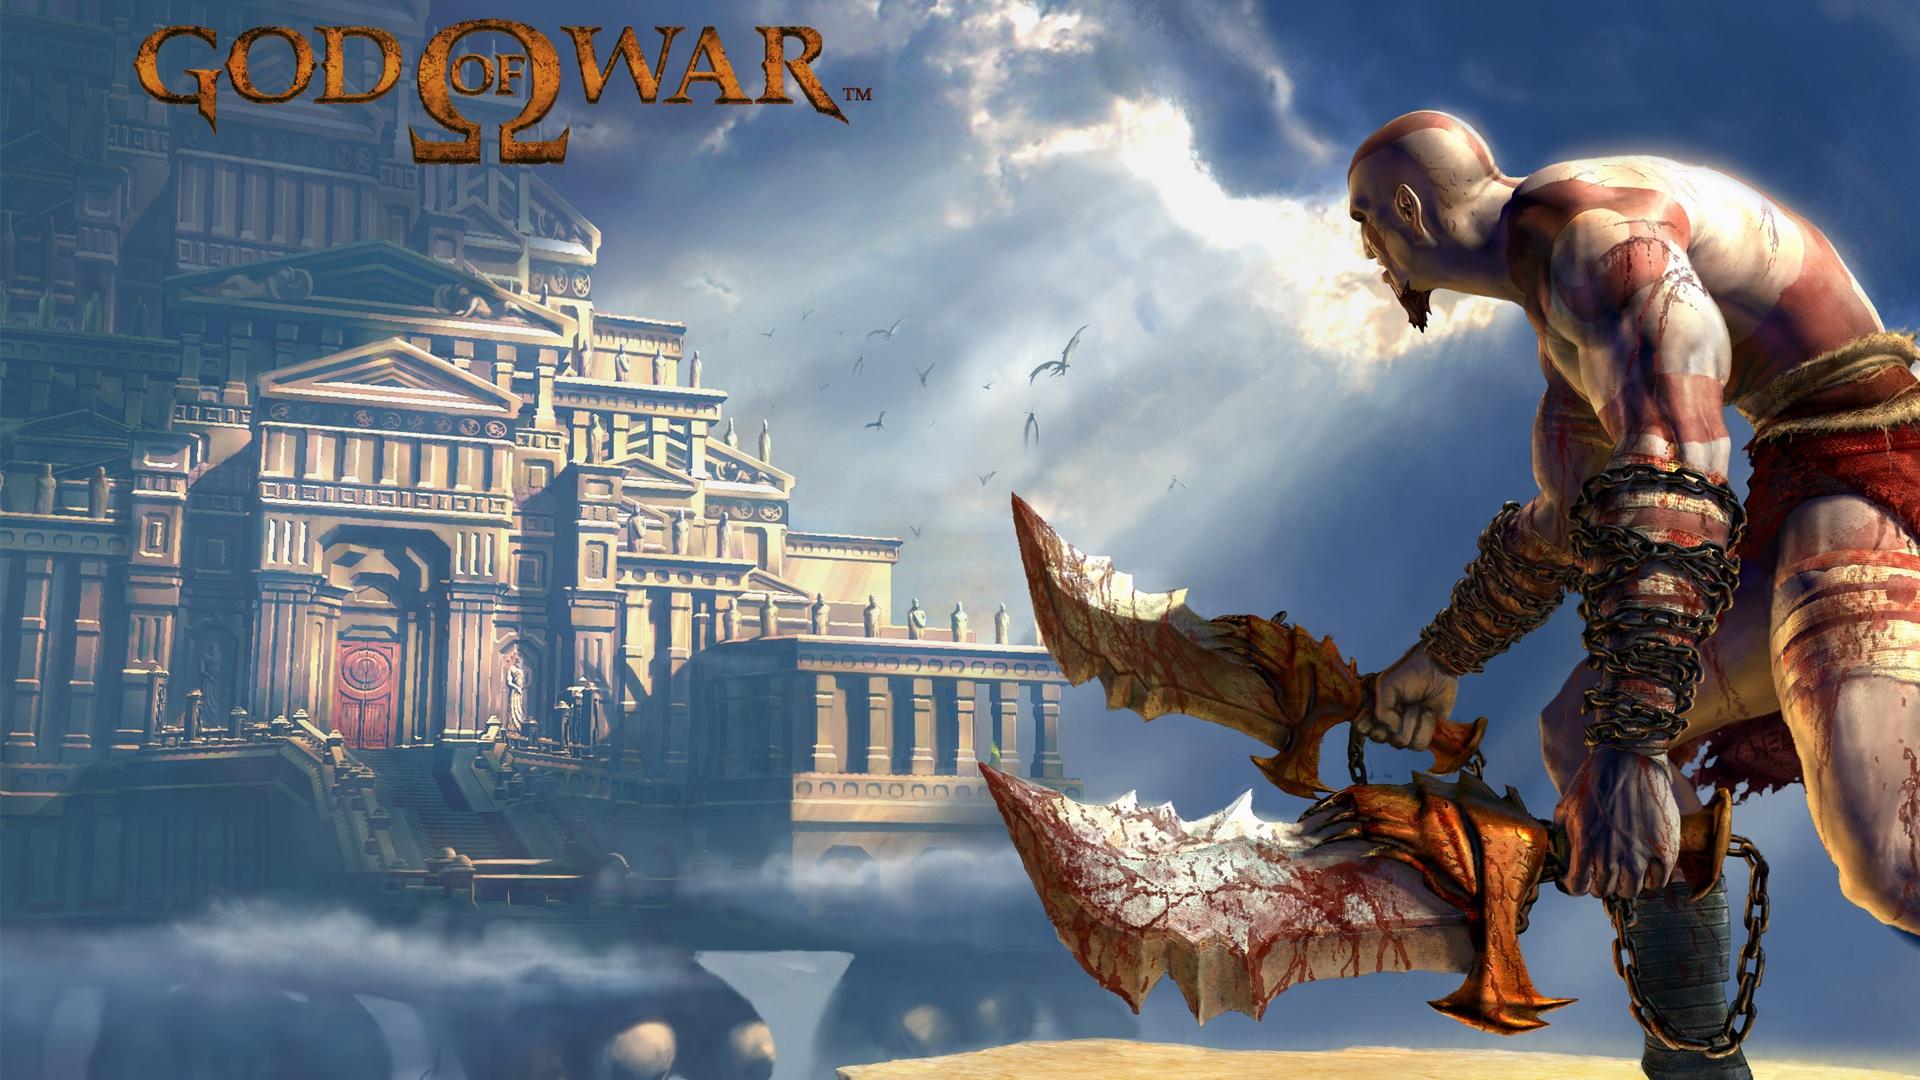 Война богов 2 смотреть онлайн в хорошем качестве hd 720